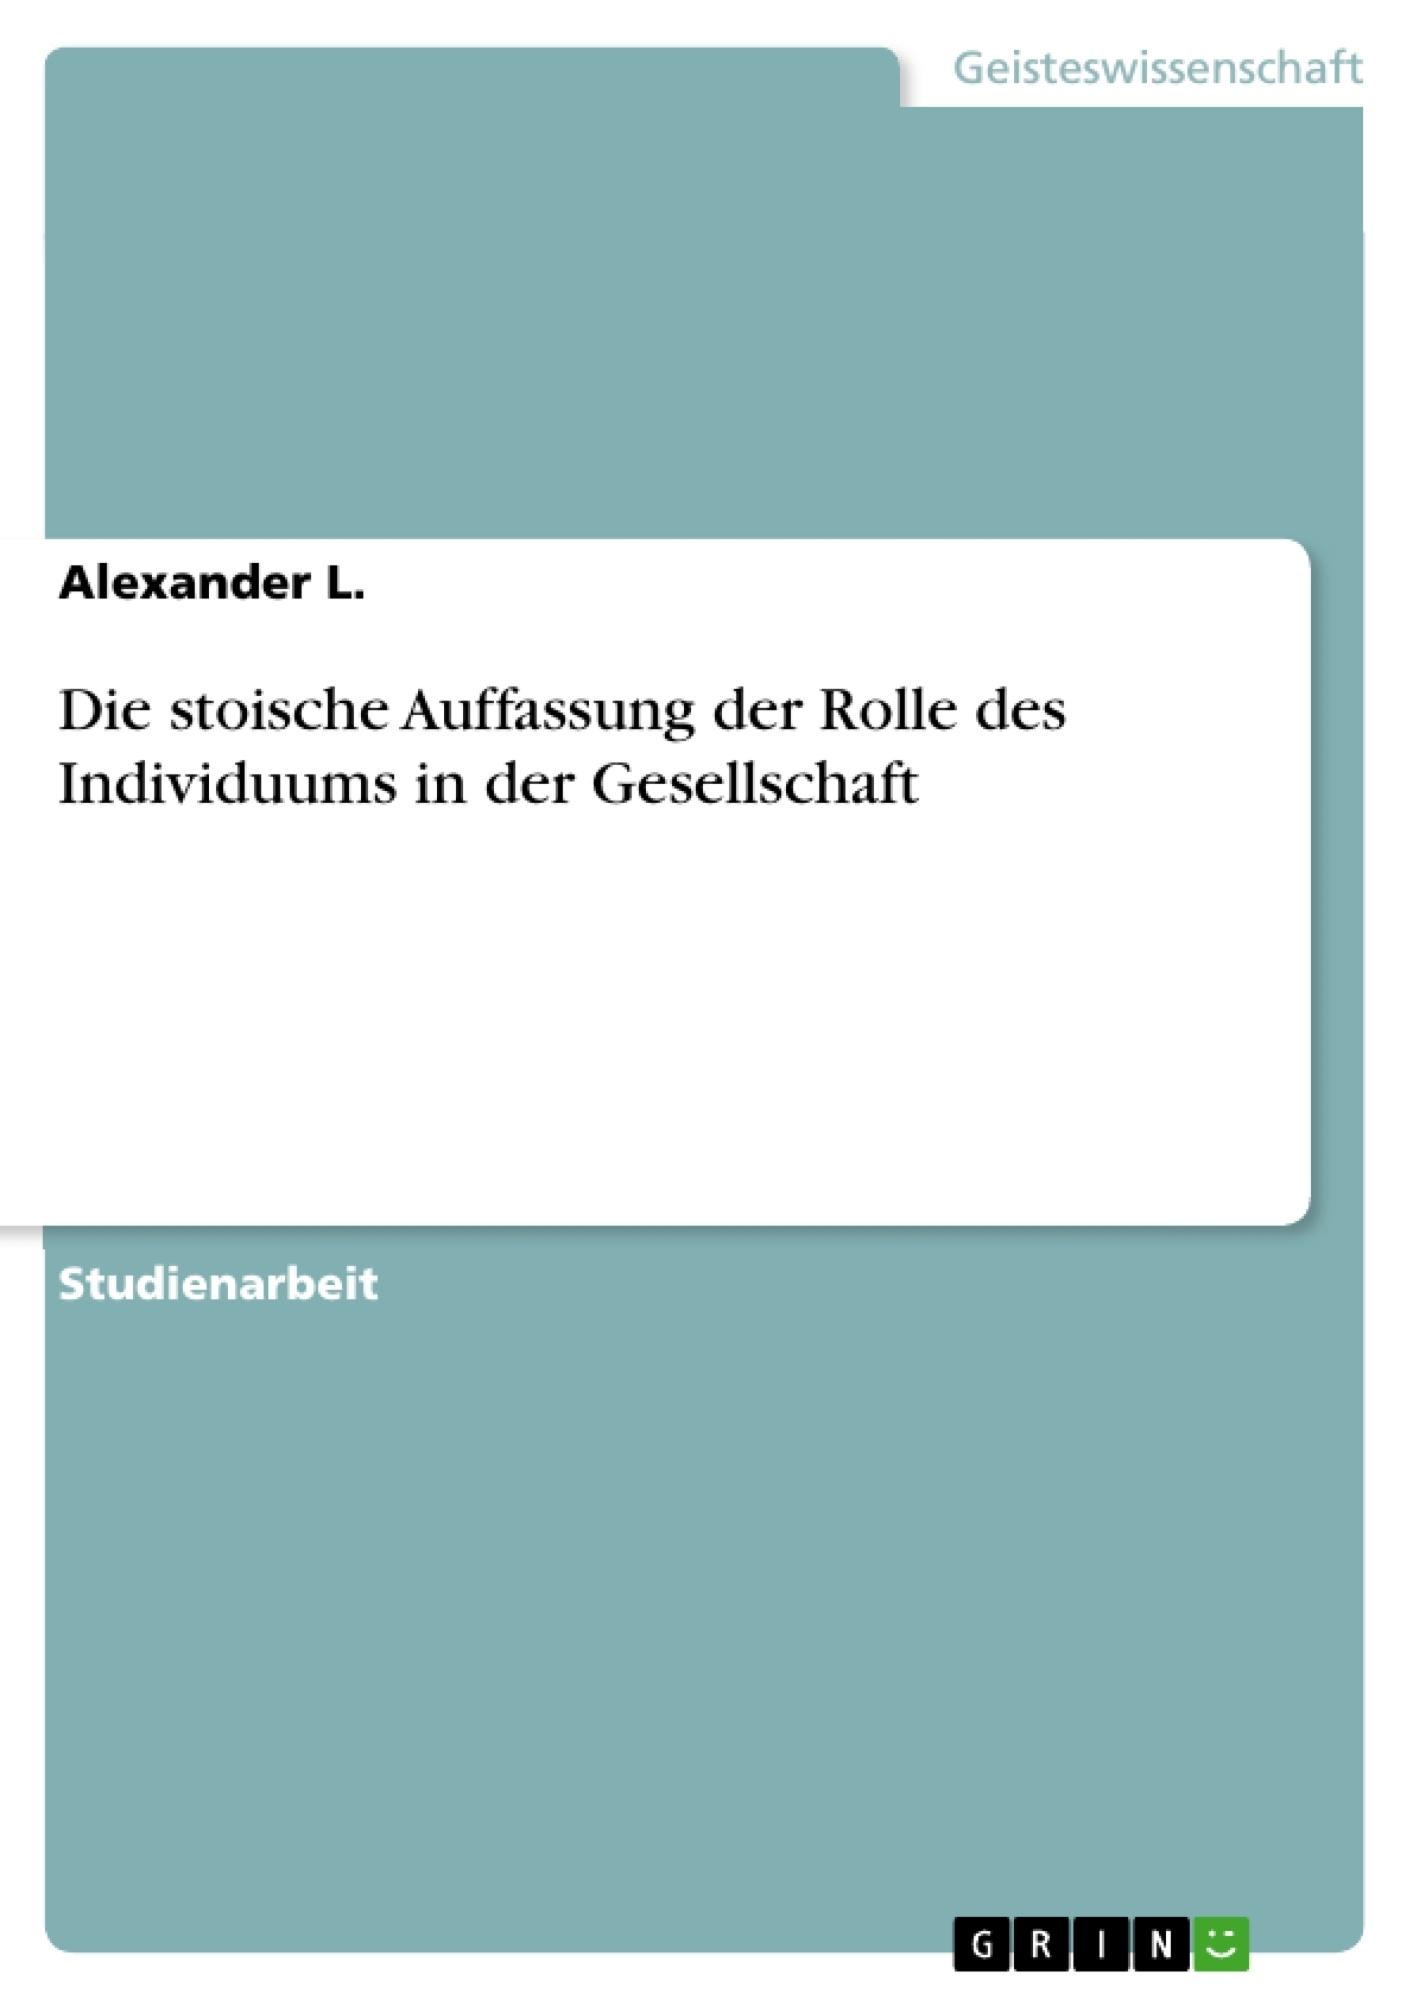 Titel: Die stoische Auffassung der Rolle des Individuums in der Gesellschaft